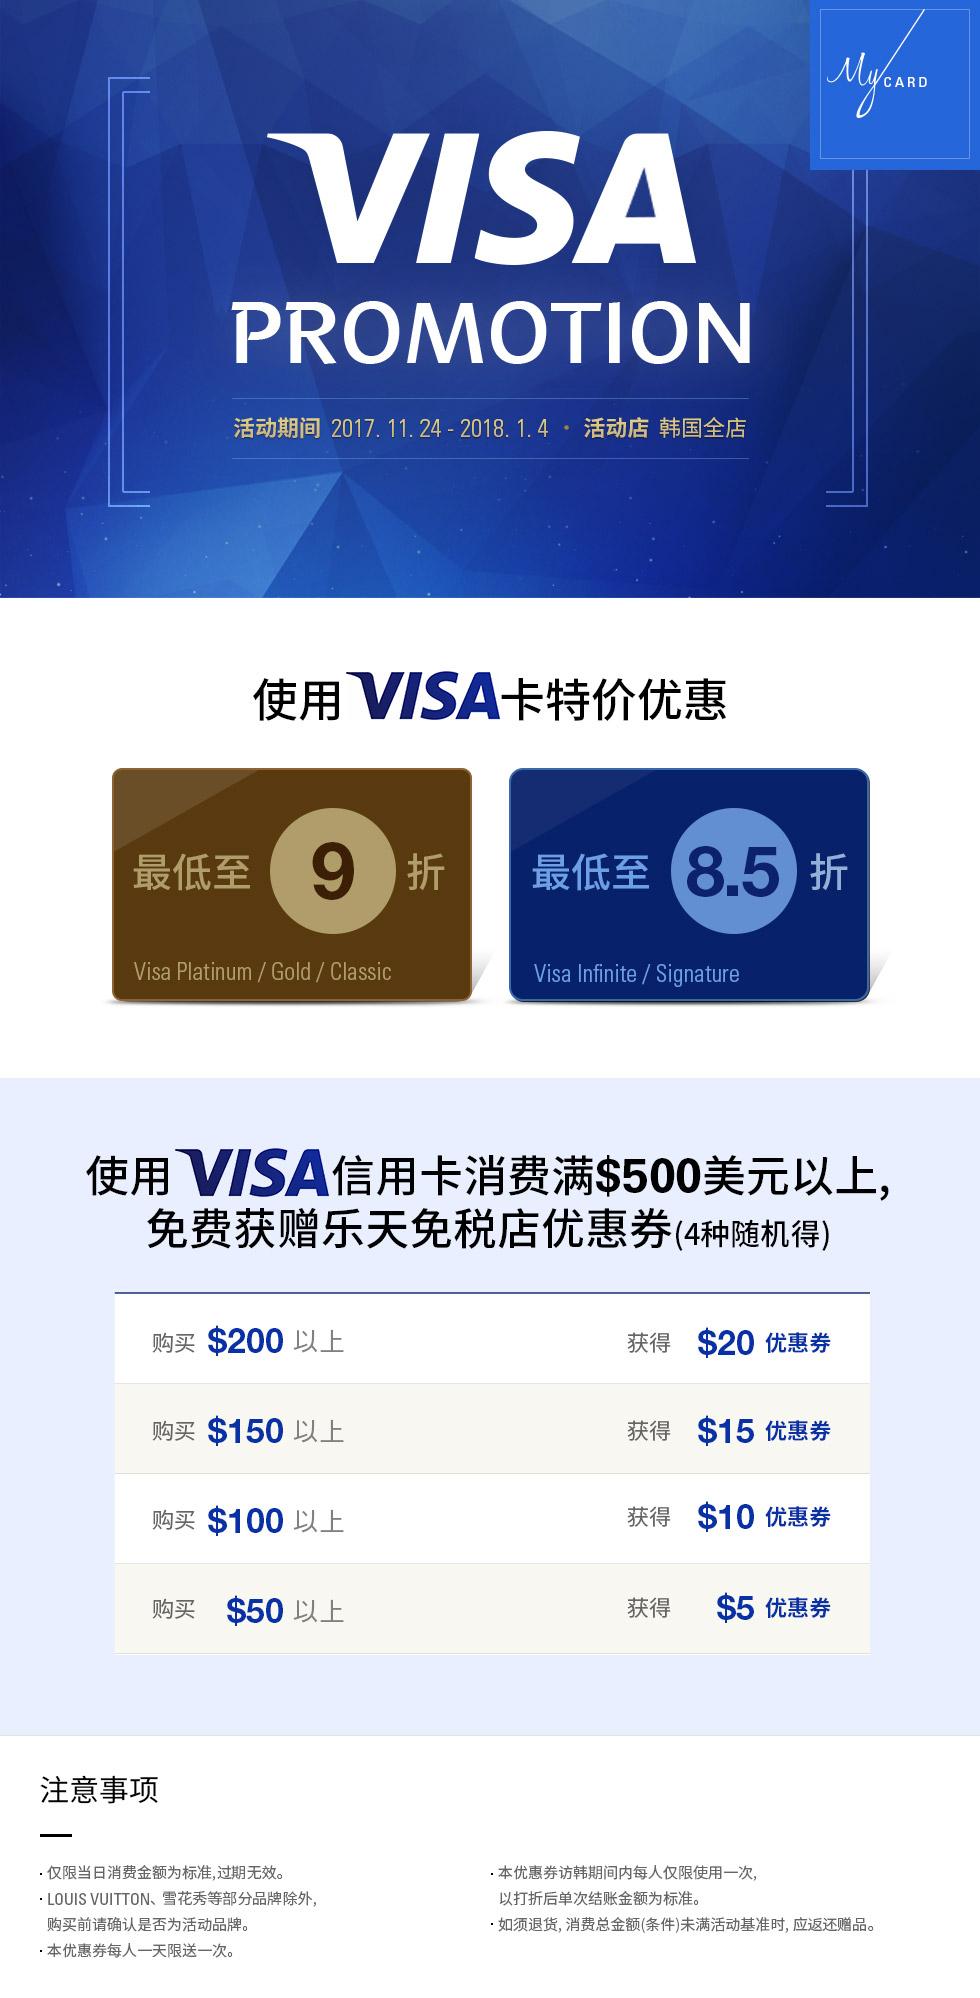 使用 VISA 卡特价优惠